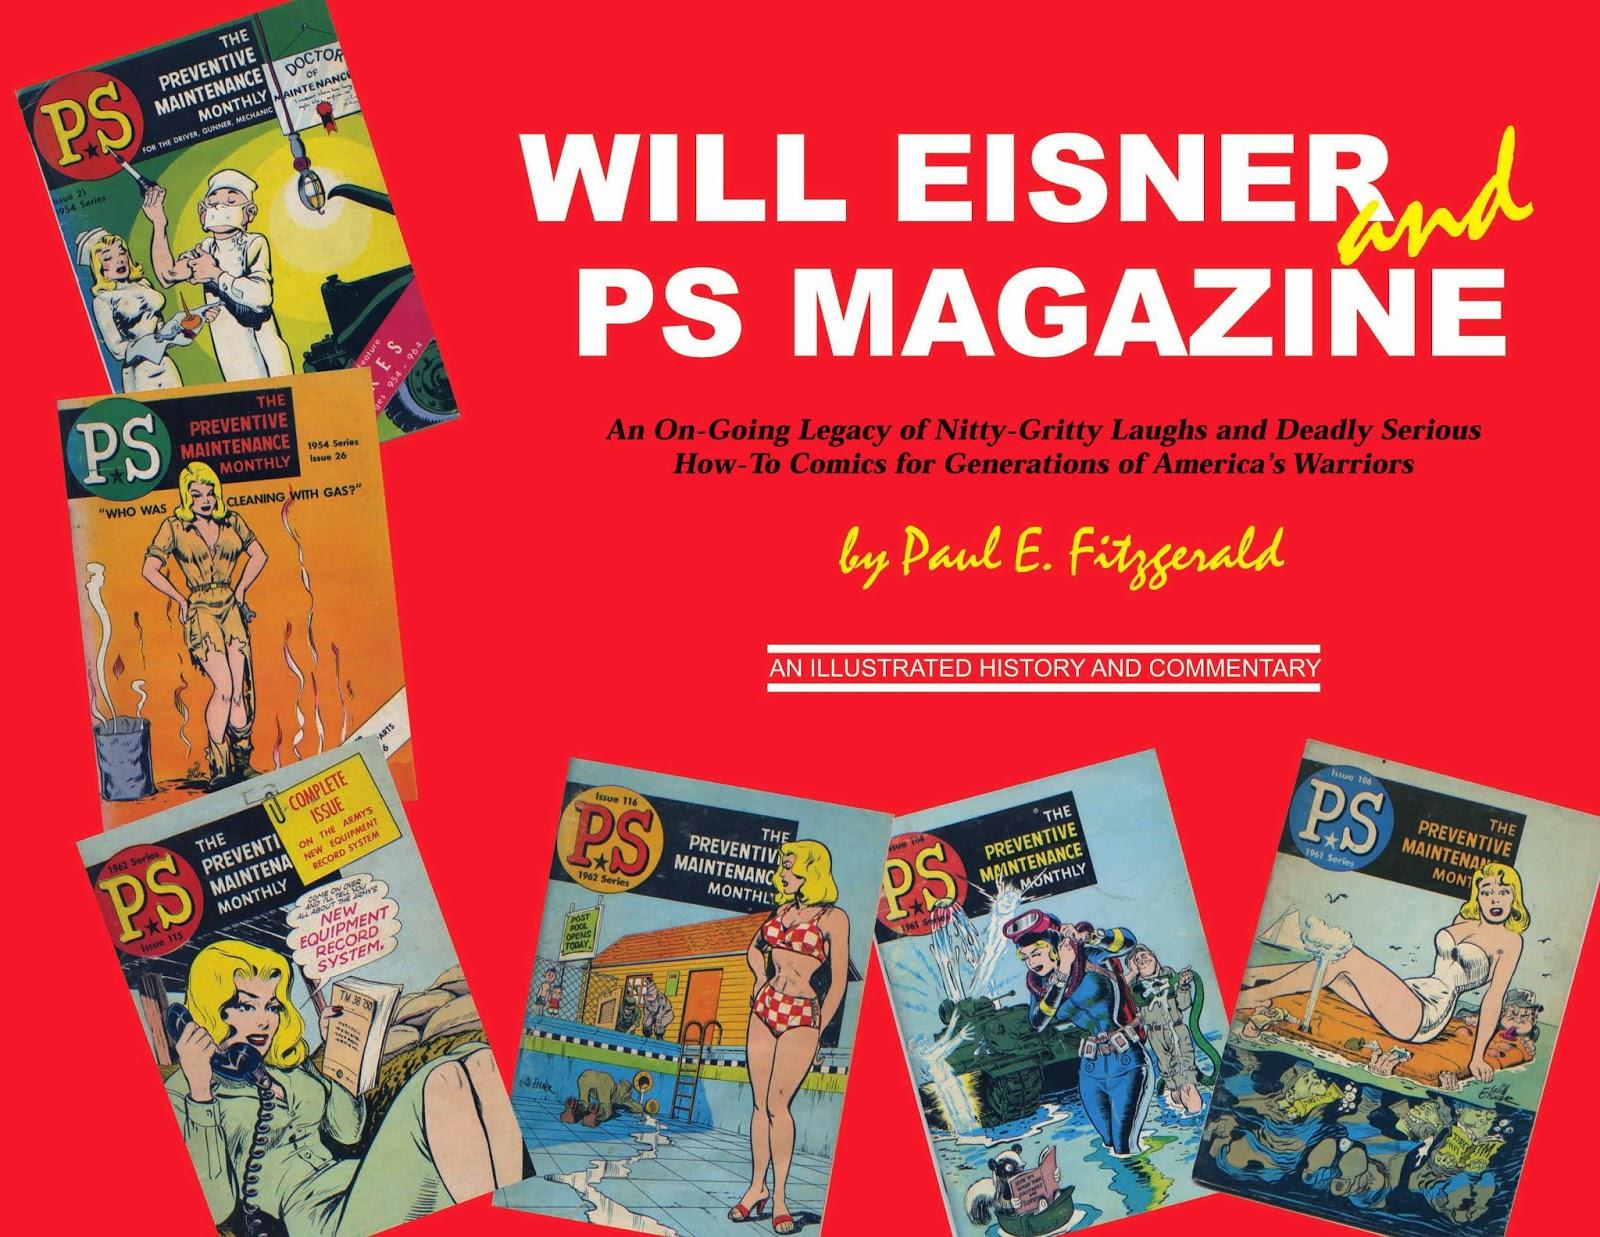 http://www.willeisnerandpsmagazine.com/W_E_L_C_O_M_E.html